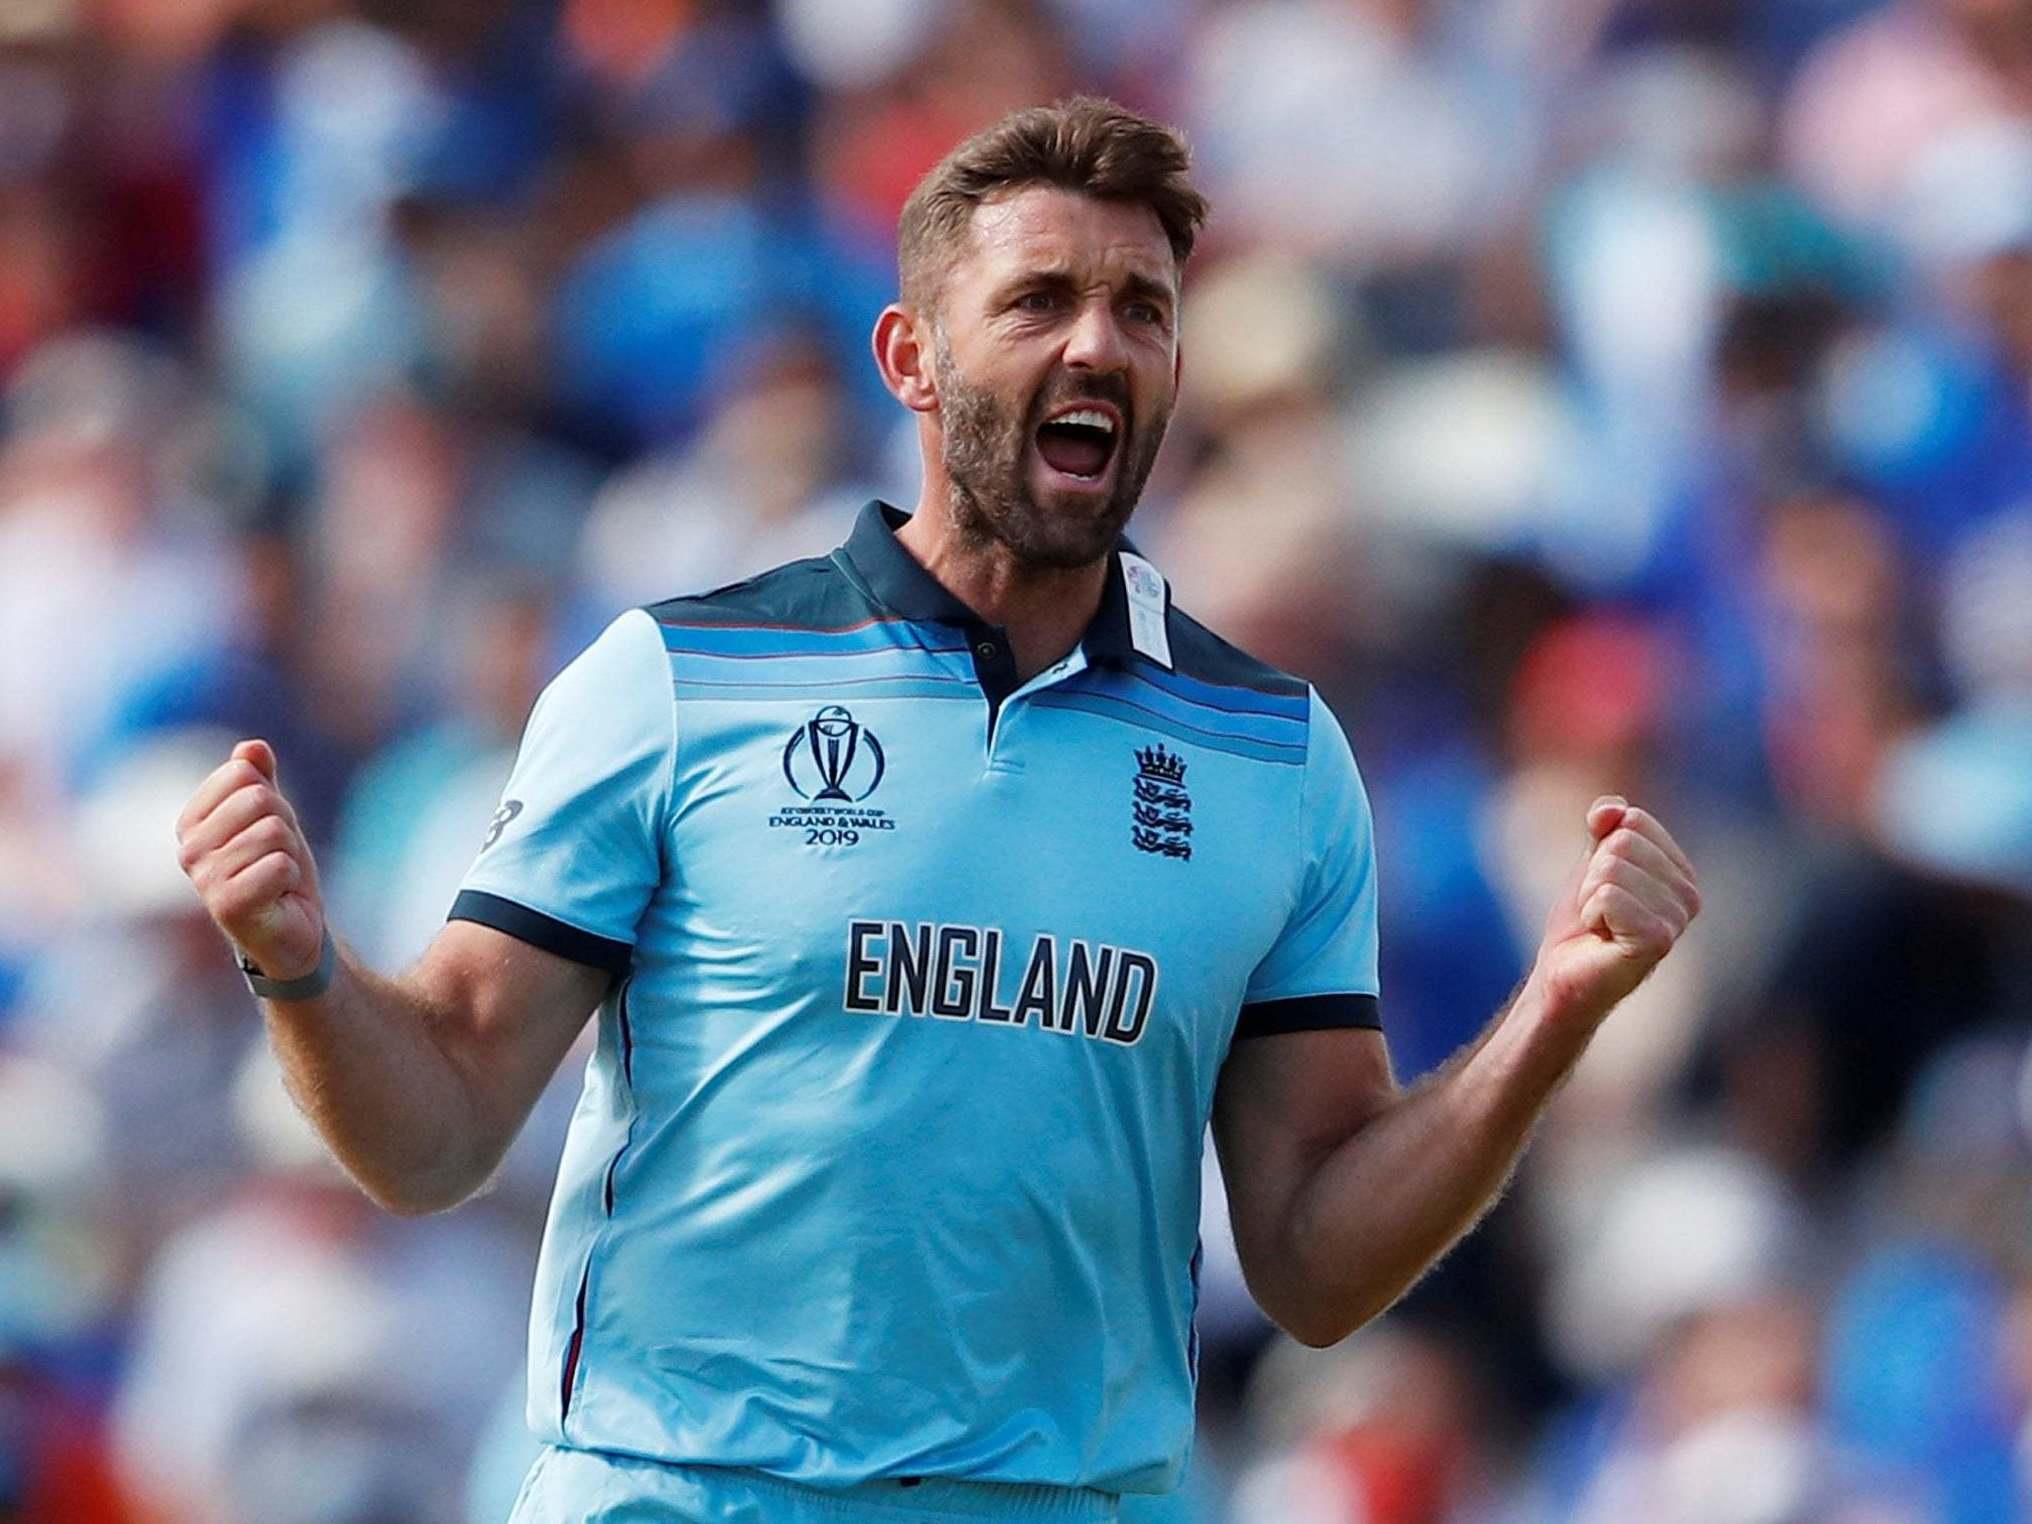 मिचेल स्टार्क के बाद इंग्लैंड के इस खिलाड़ी ने भी आईपीएल 2020 में ना खेलने का किया फैसला 5